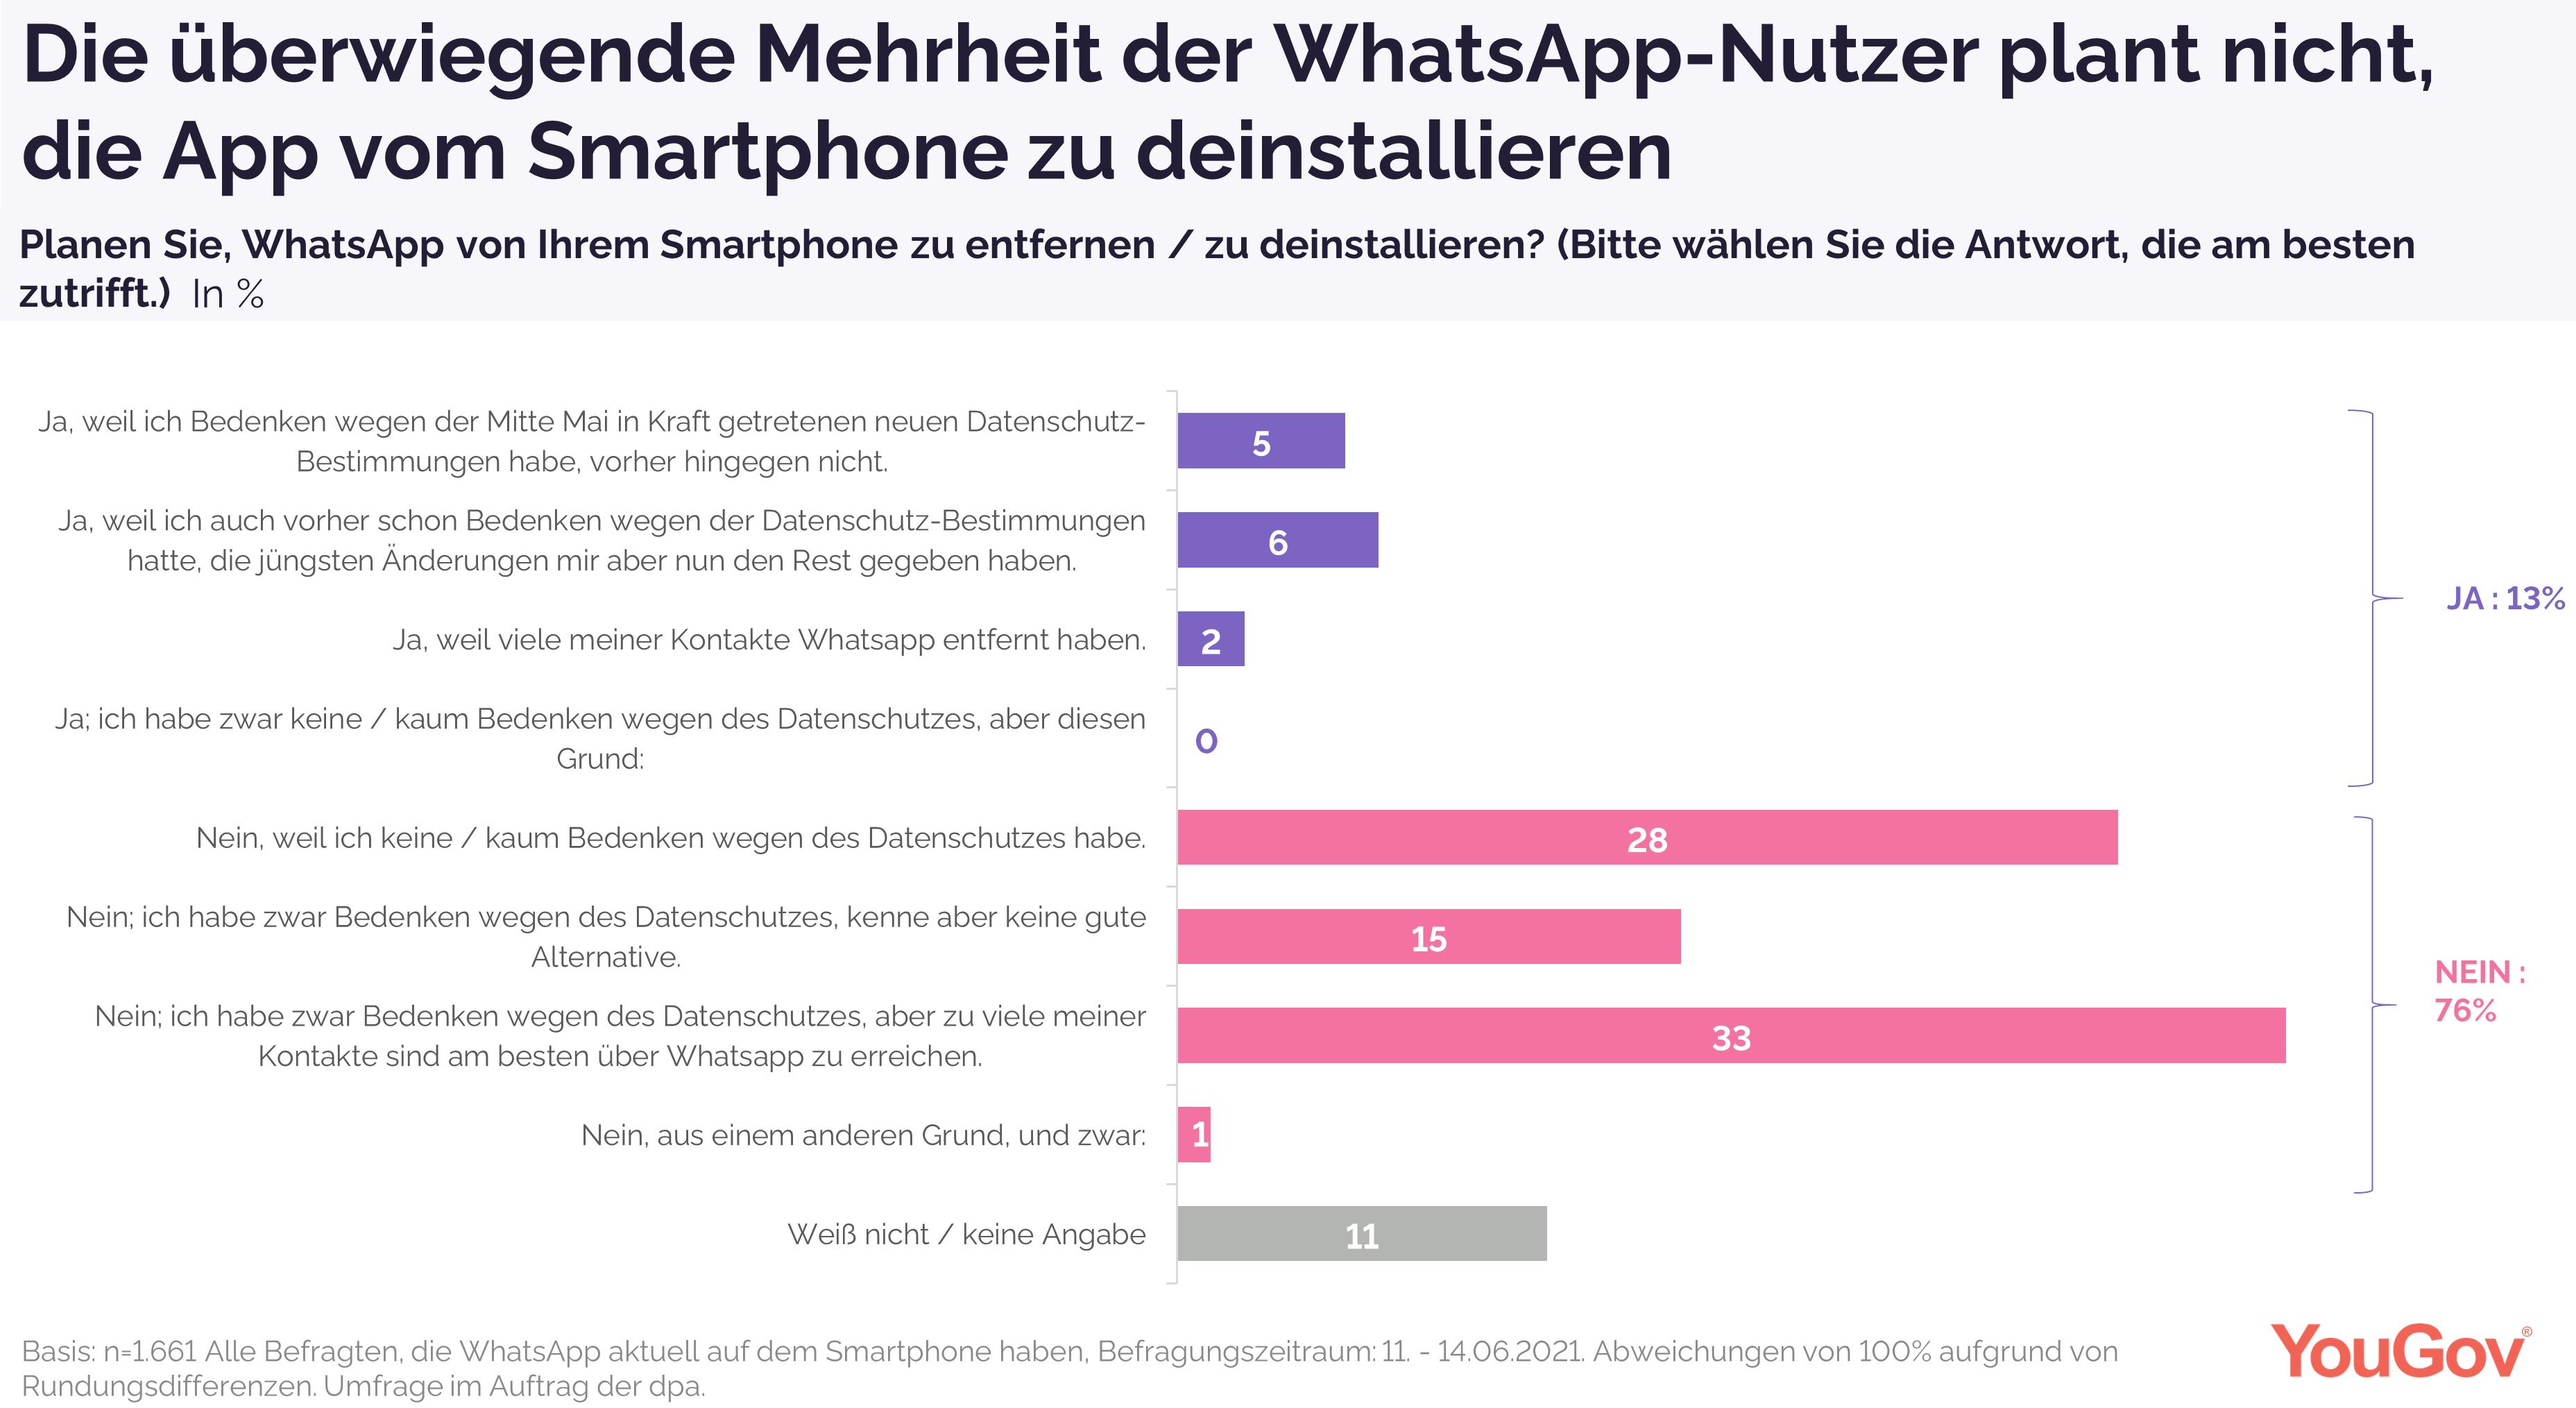 Mehrheit will App nicht deinstallieren